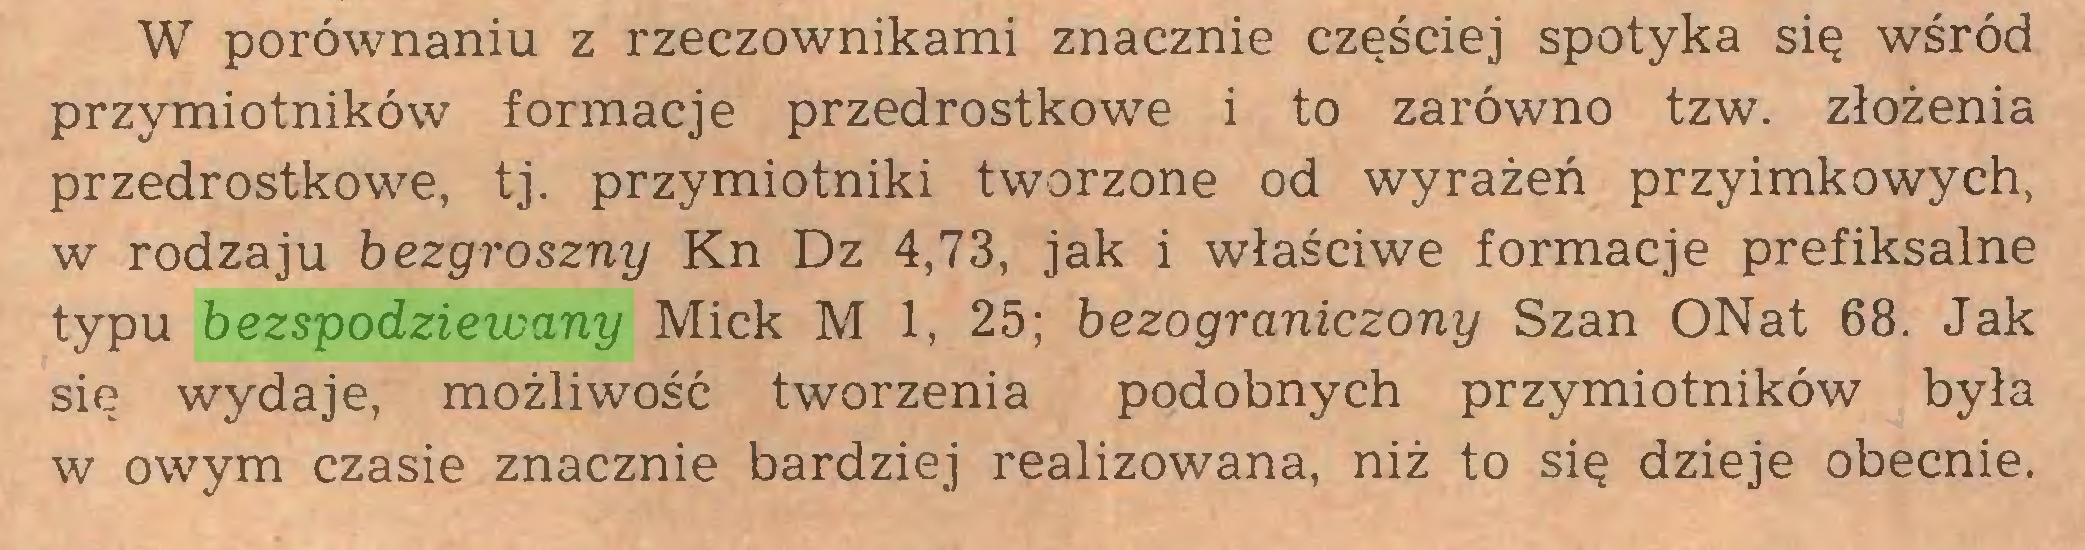 (...) W porównaniu z rzeczownikami znacznie częściej spotyka się wśród przymiotników formacje przedrostkowe i to zarówno tzw. złożenia przedrostkowe, tj. przymiotniki tworzone od wyrażeń przyimkowych, w rodzaju bezgroszny Kn Dz 4,73, jak i właściwe formacje prefiksalne typu bezspodziewany Mick M 1, 25; bezograniczony Szan ONat 68. Jak się wydaje, możliwość tworzenia podobnych przymiotników była w owym czasie znacznie bardziej realizowana, niż to się dzieje obecnie...